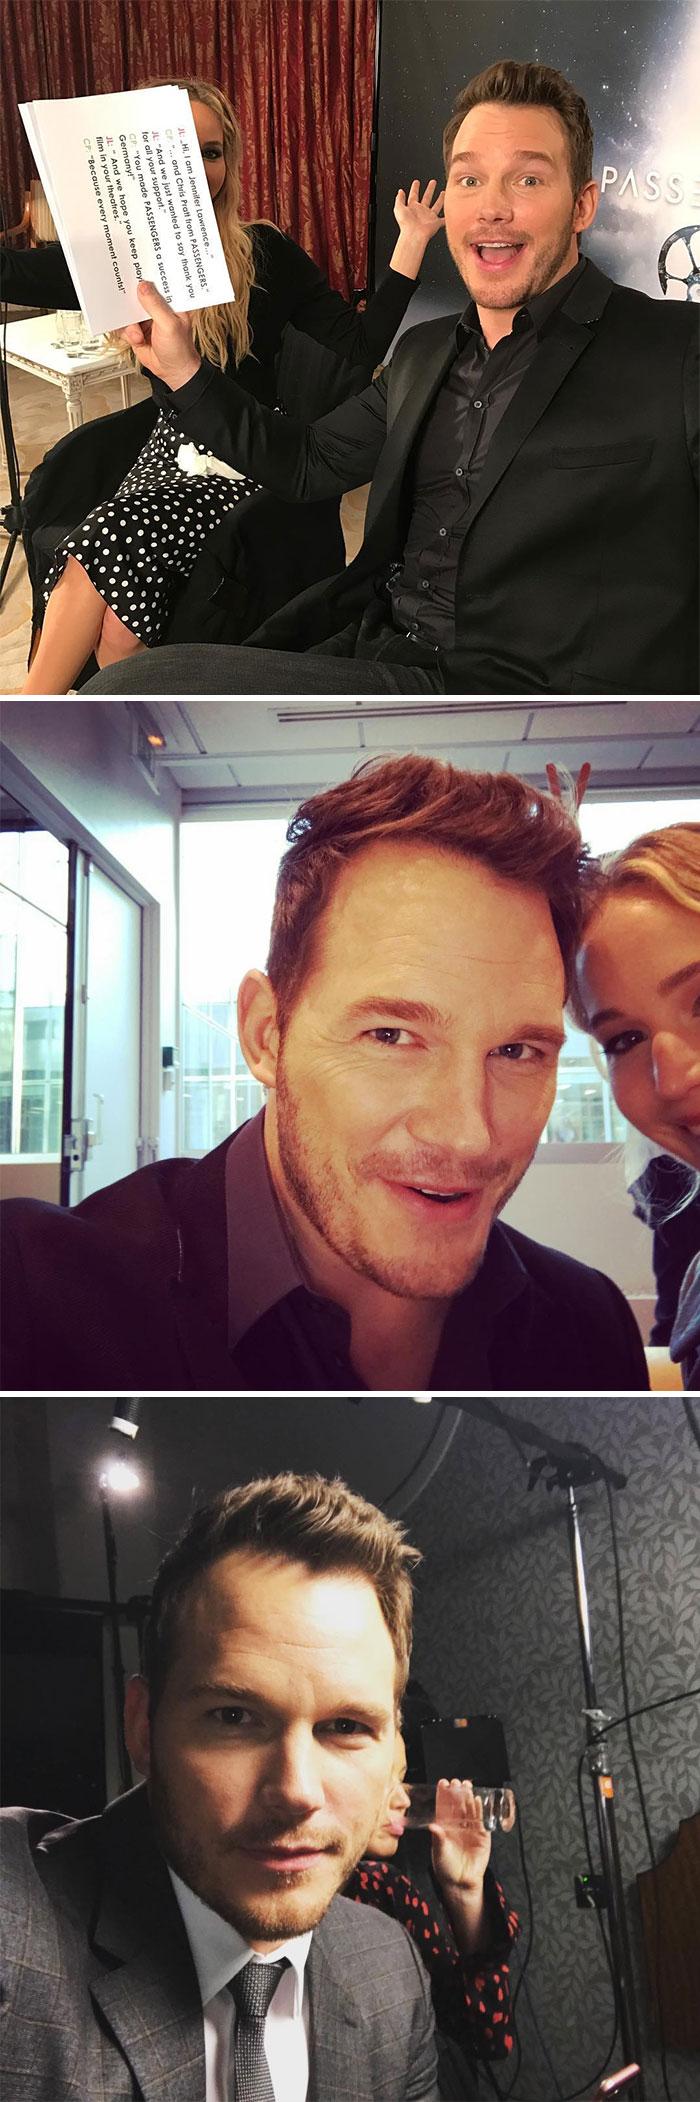 Chris Pratt publicó estas fotos en instagram después de que los fans le pidieran que saliera con Jennifer Lawrence